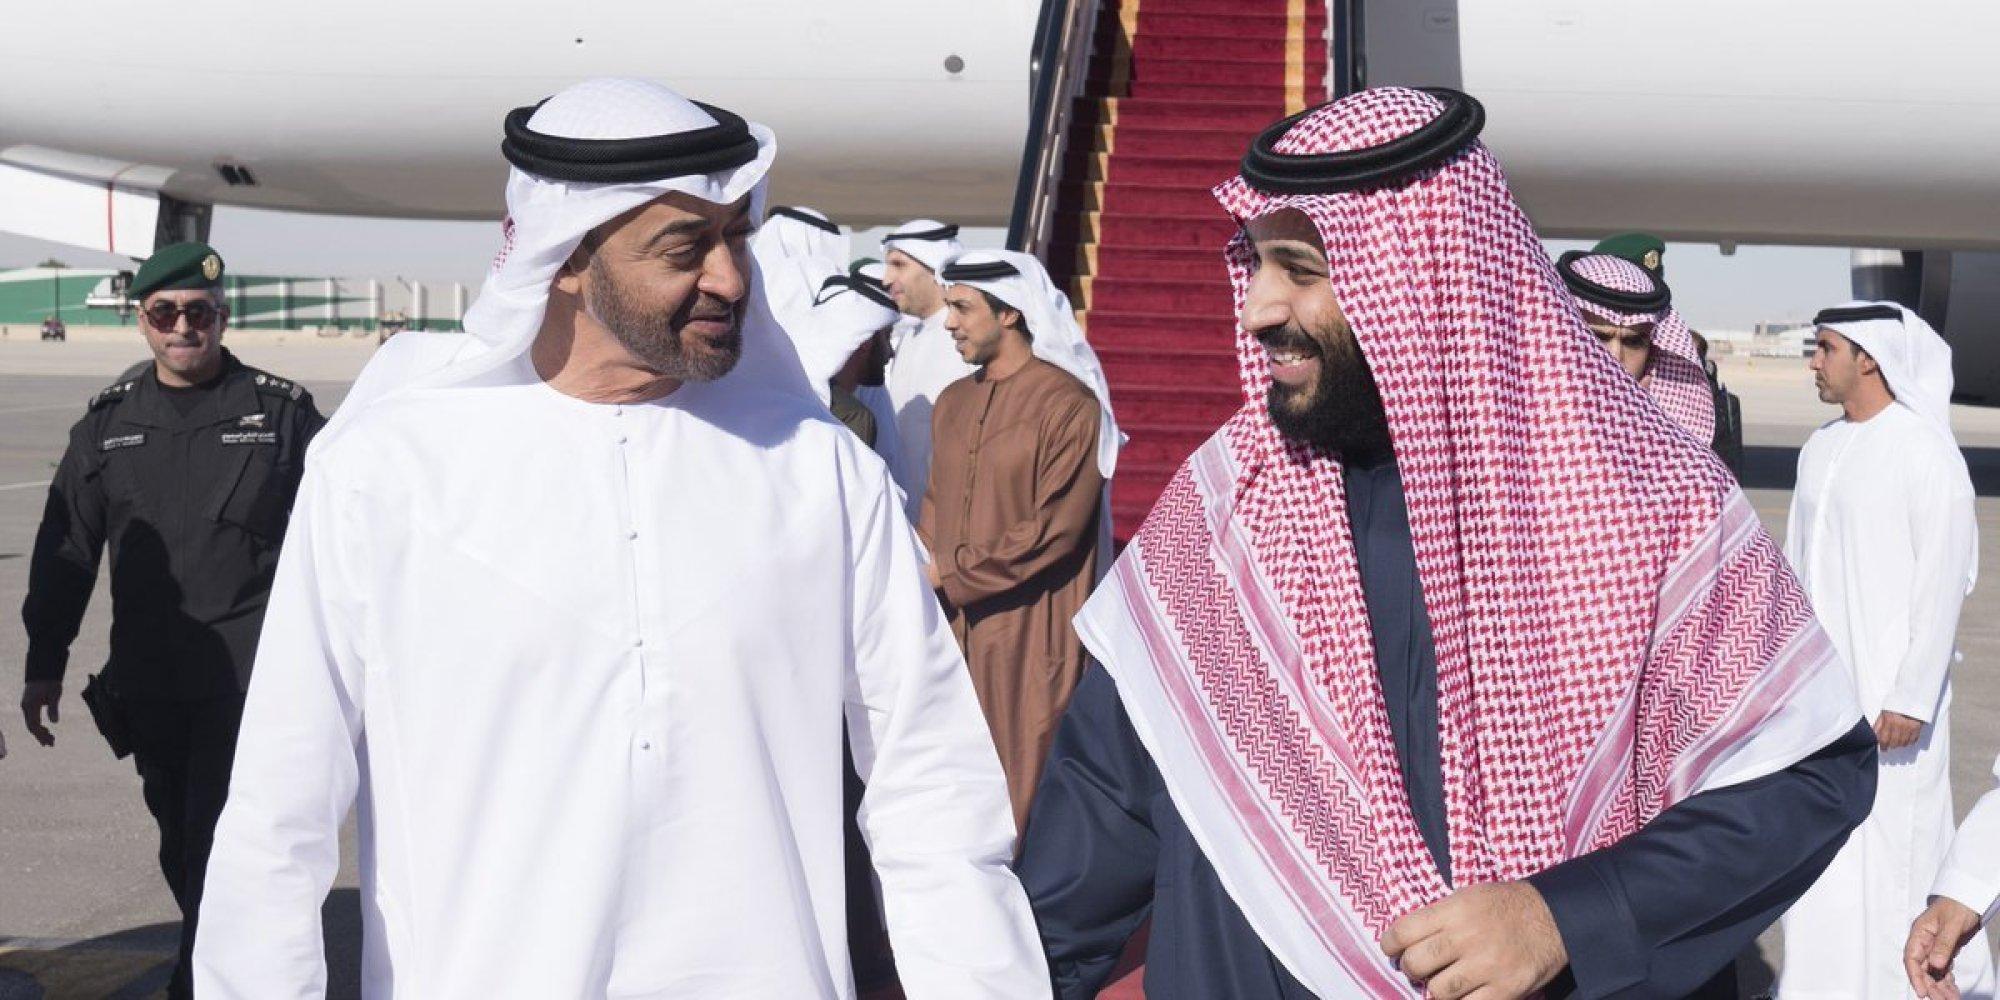 اختطفوا من الإمارات ونقلوا بطائرات خاصة للرياض.. تفاصيل جديدة عن دور أبوظبي في اعتقال 20 أميراً ومسؤولاً سعودياً